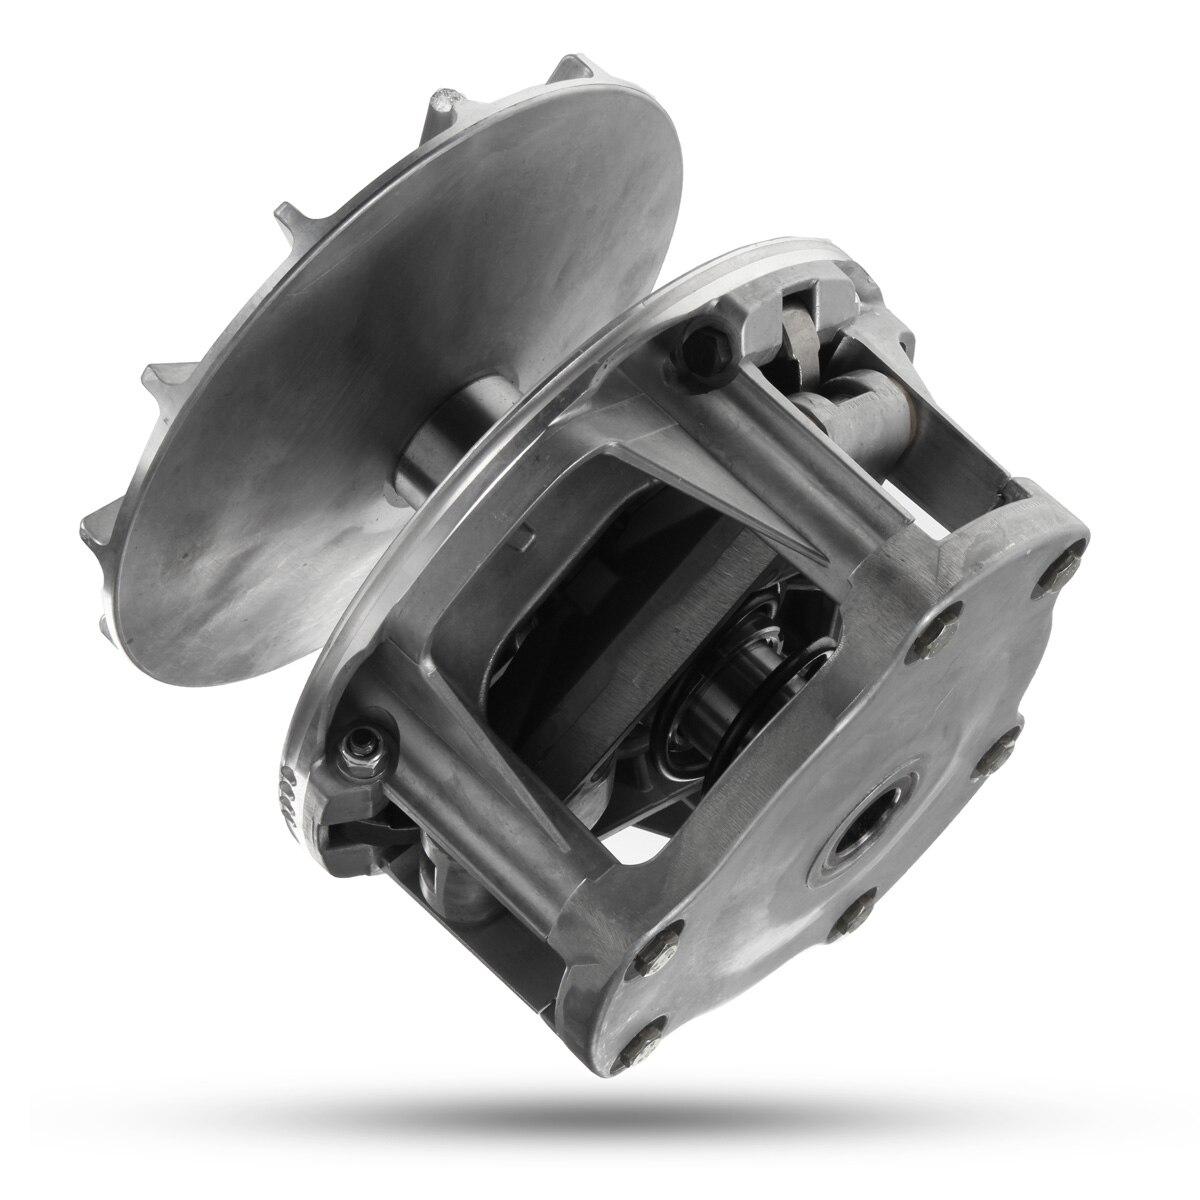 Moto Disque Dur Principal D'embrayage Fit Pour Polaris Sportsman 1996-2013 Marque Nouvelle De Magnésium-Aluminium Alliage PA-LIGT449029